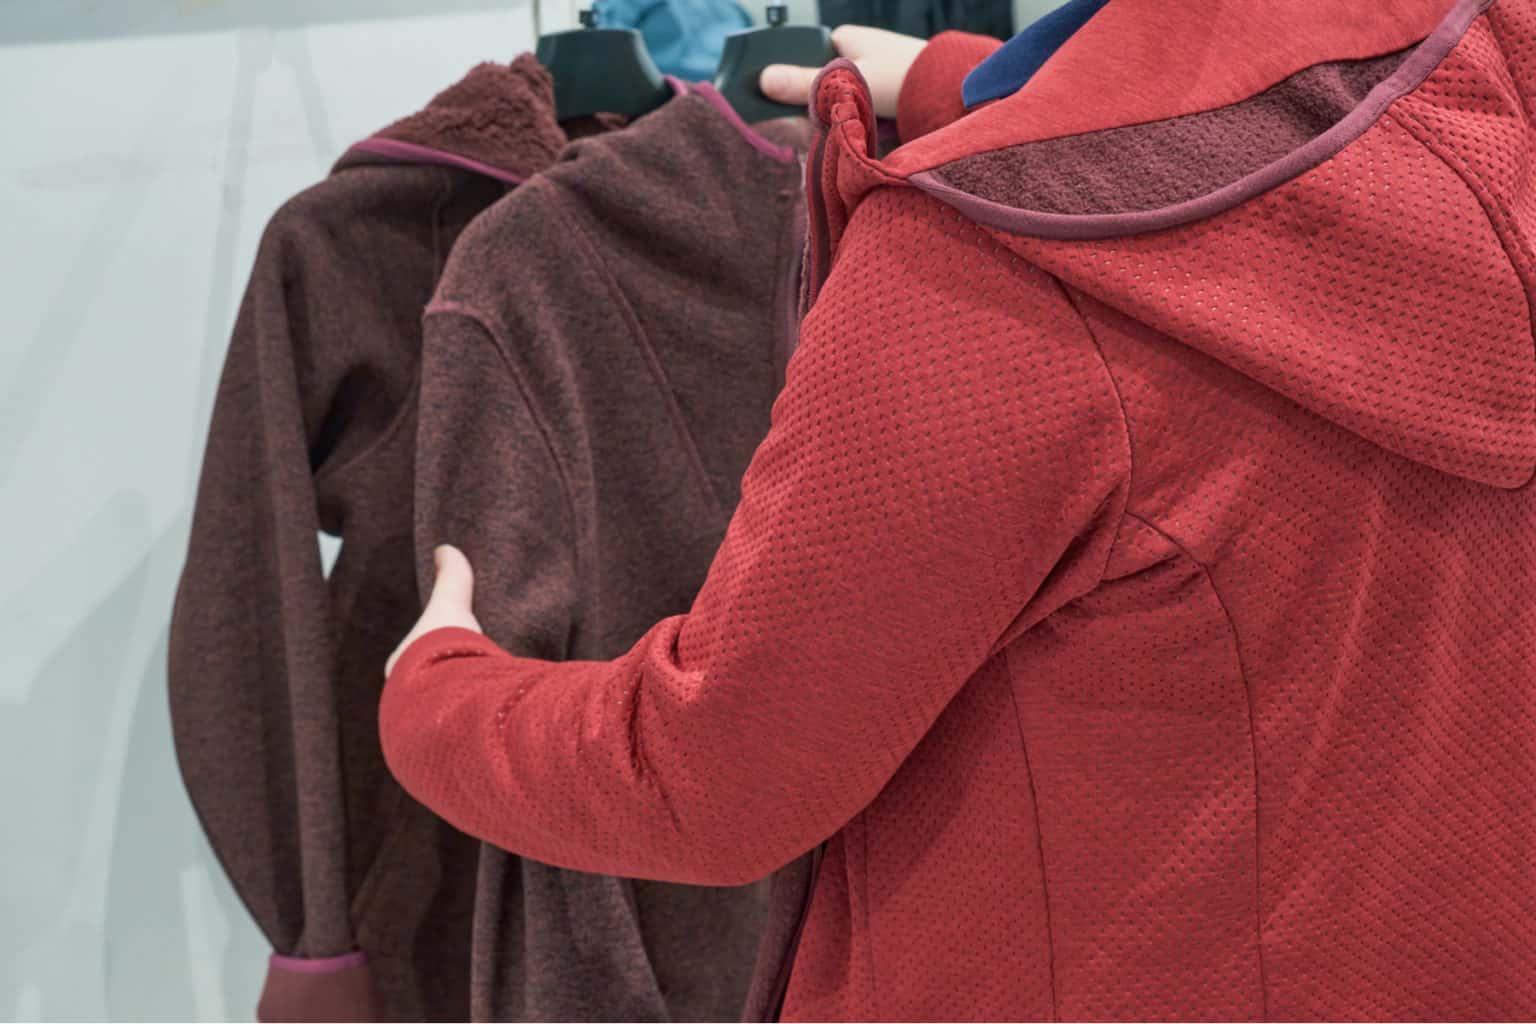 Woman shopping for a fleece jacket